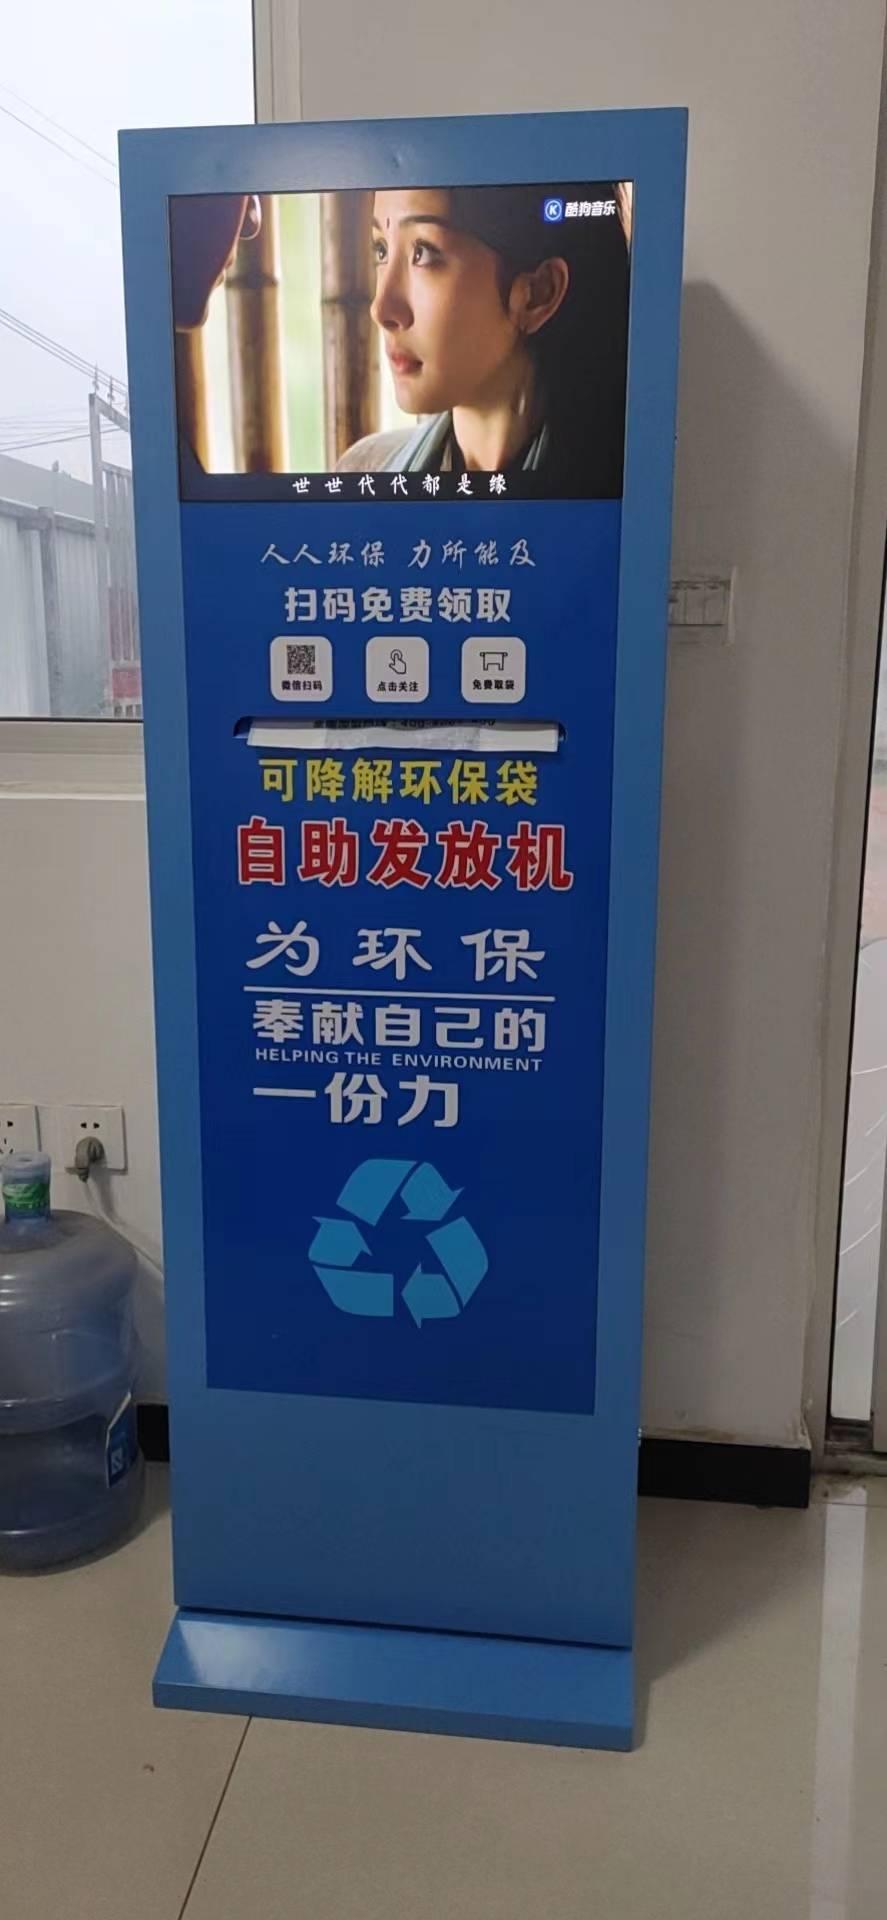 免费环保袋设备投放广告招商